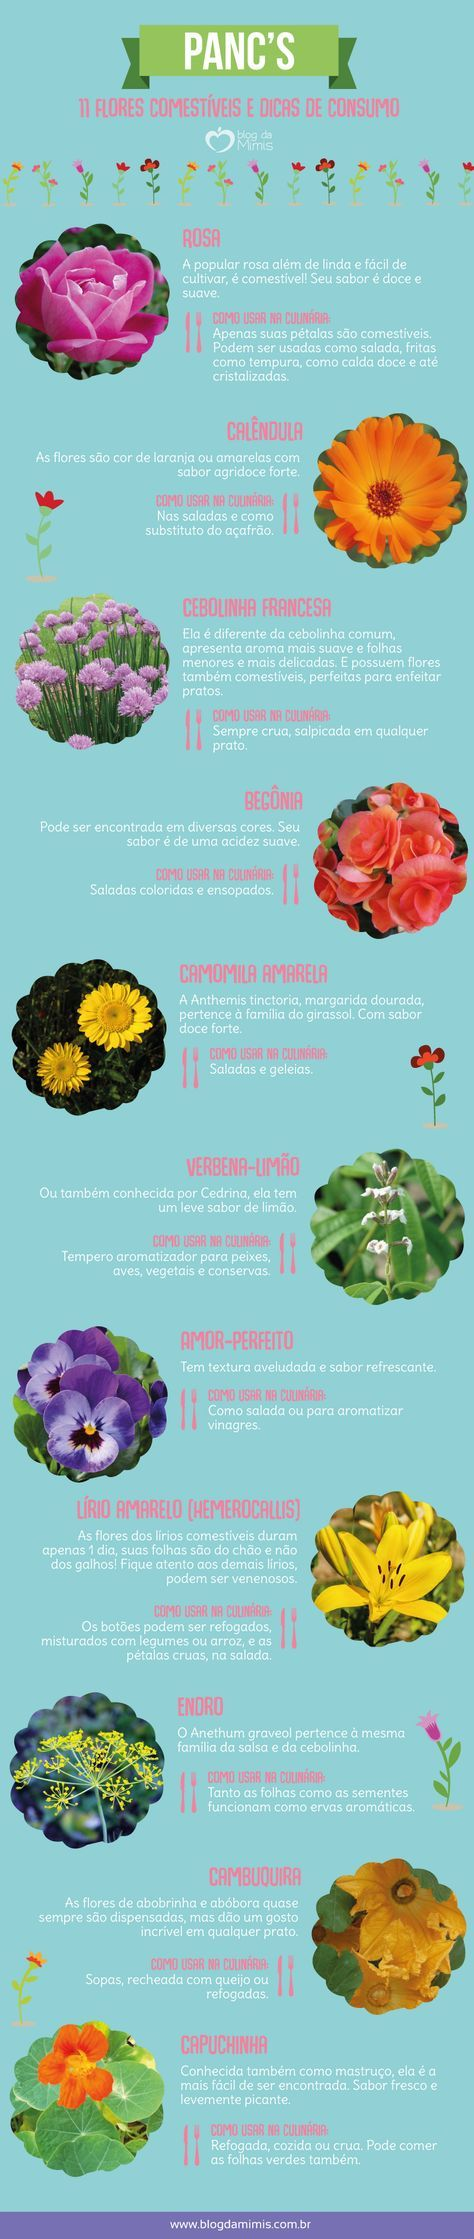 11 Flores comestíveis e dicas de consumo - Blog da Mimis #flores #comestíveis #panc